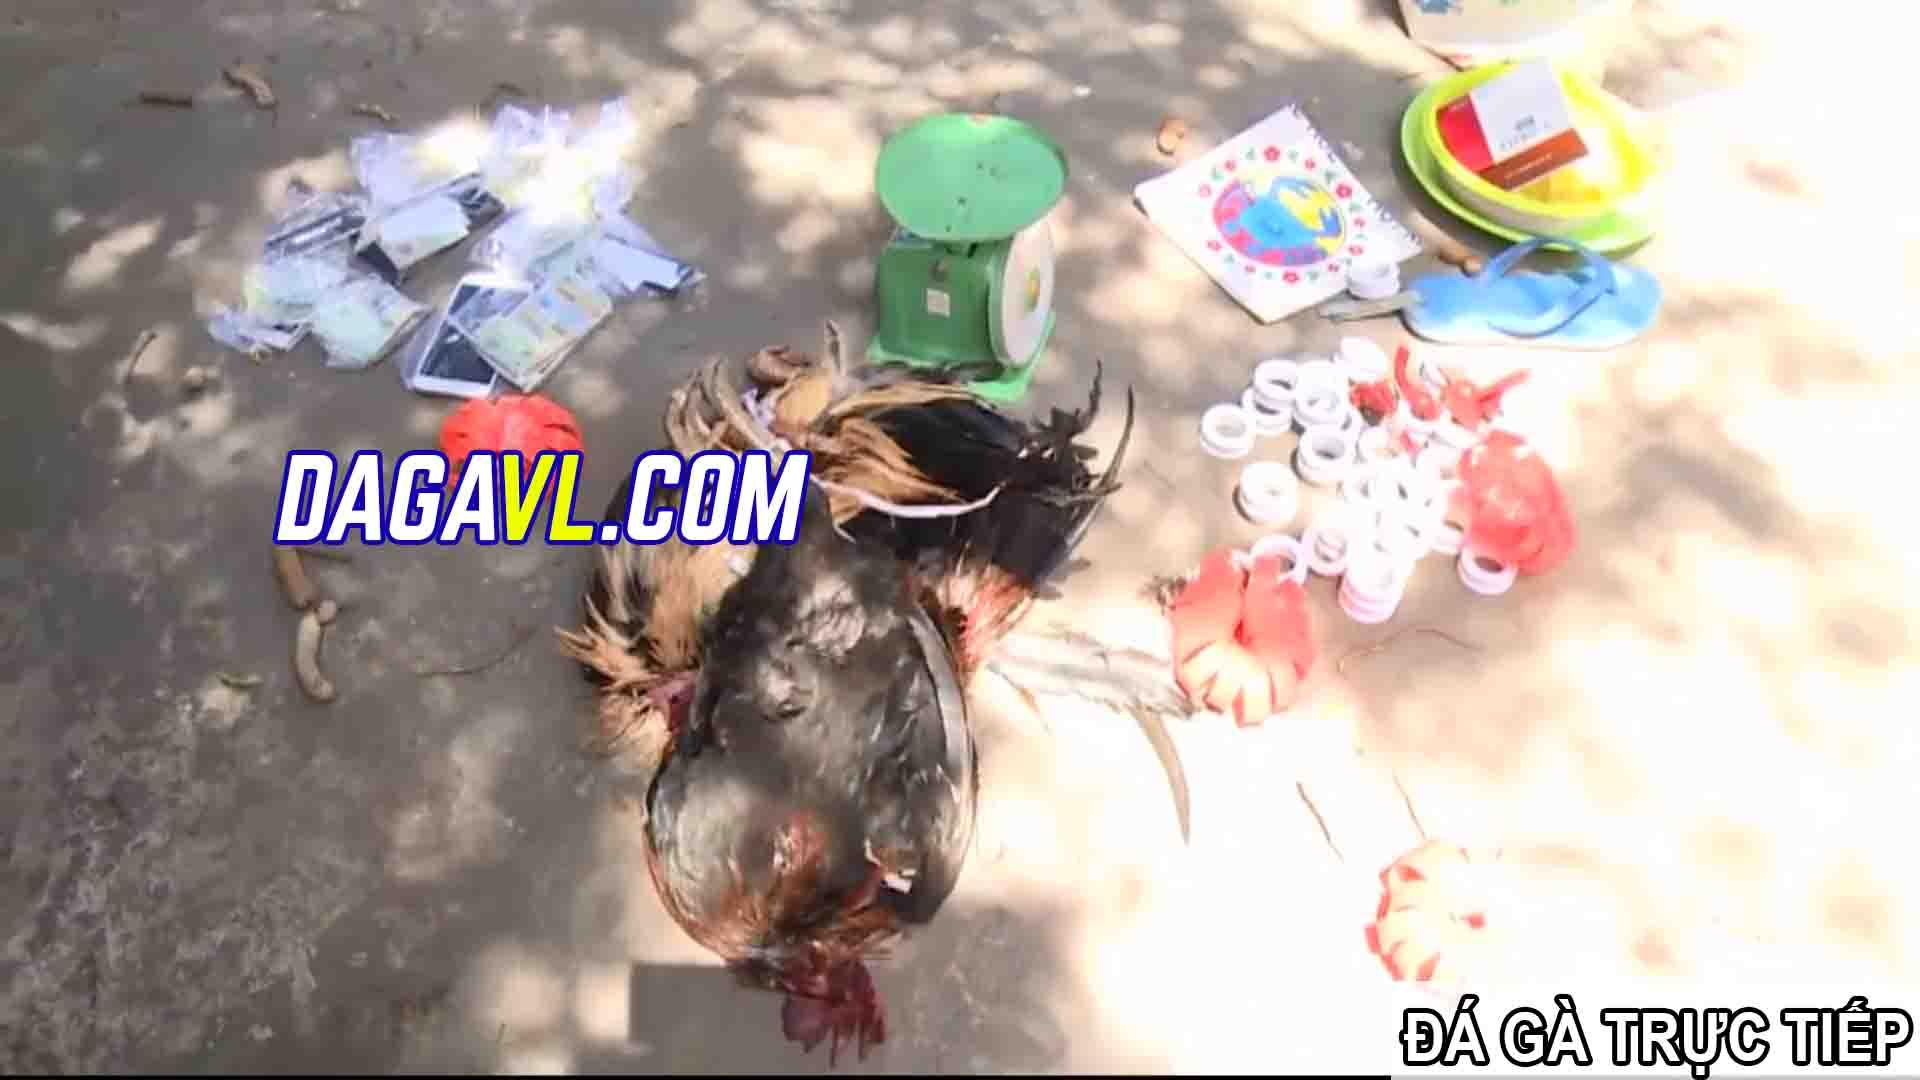 DAGAVL.COM - Tang vật bắt 10 đối tượng đá gà ăn tiền tại Thạnh Phú